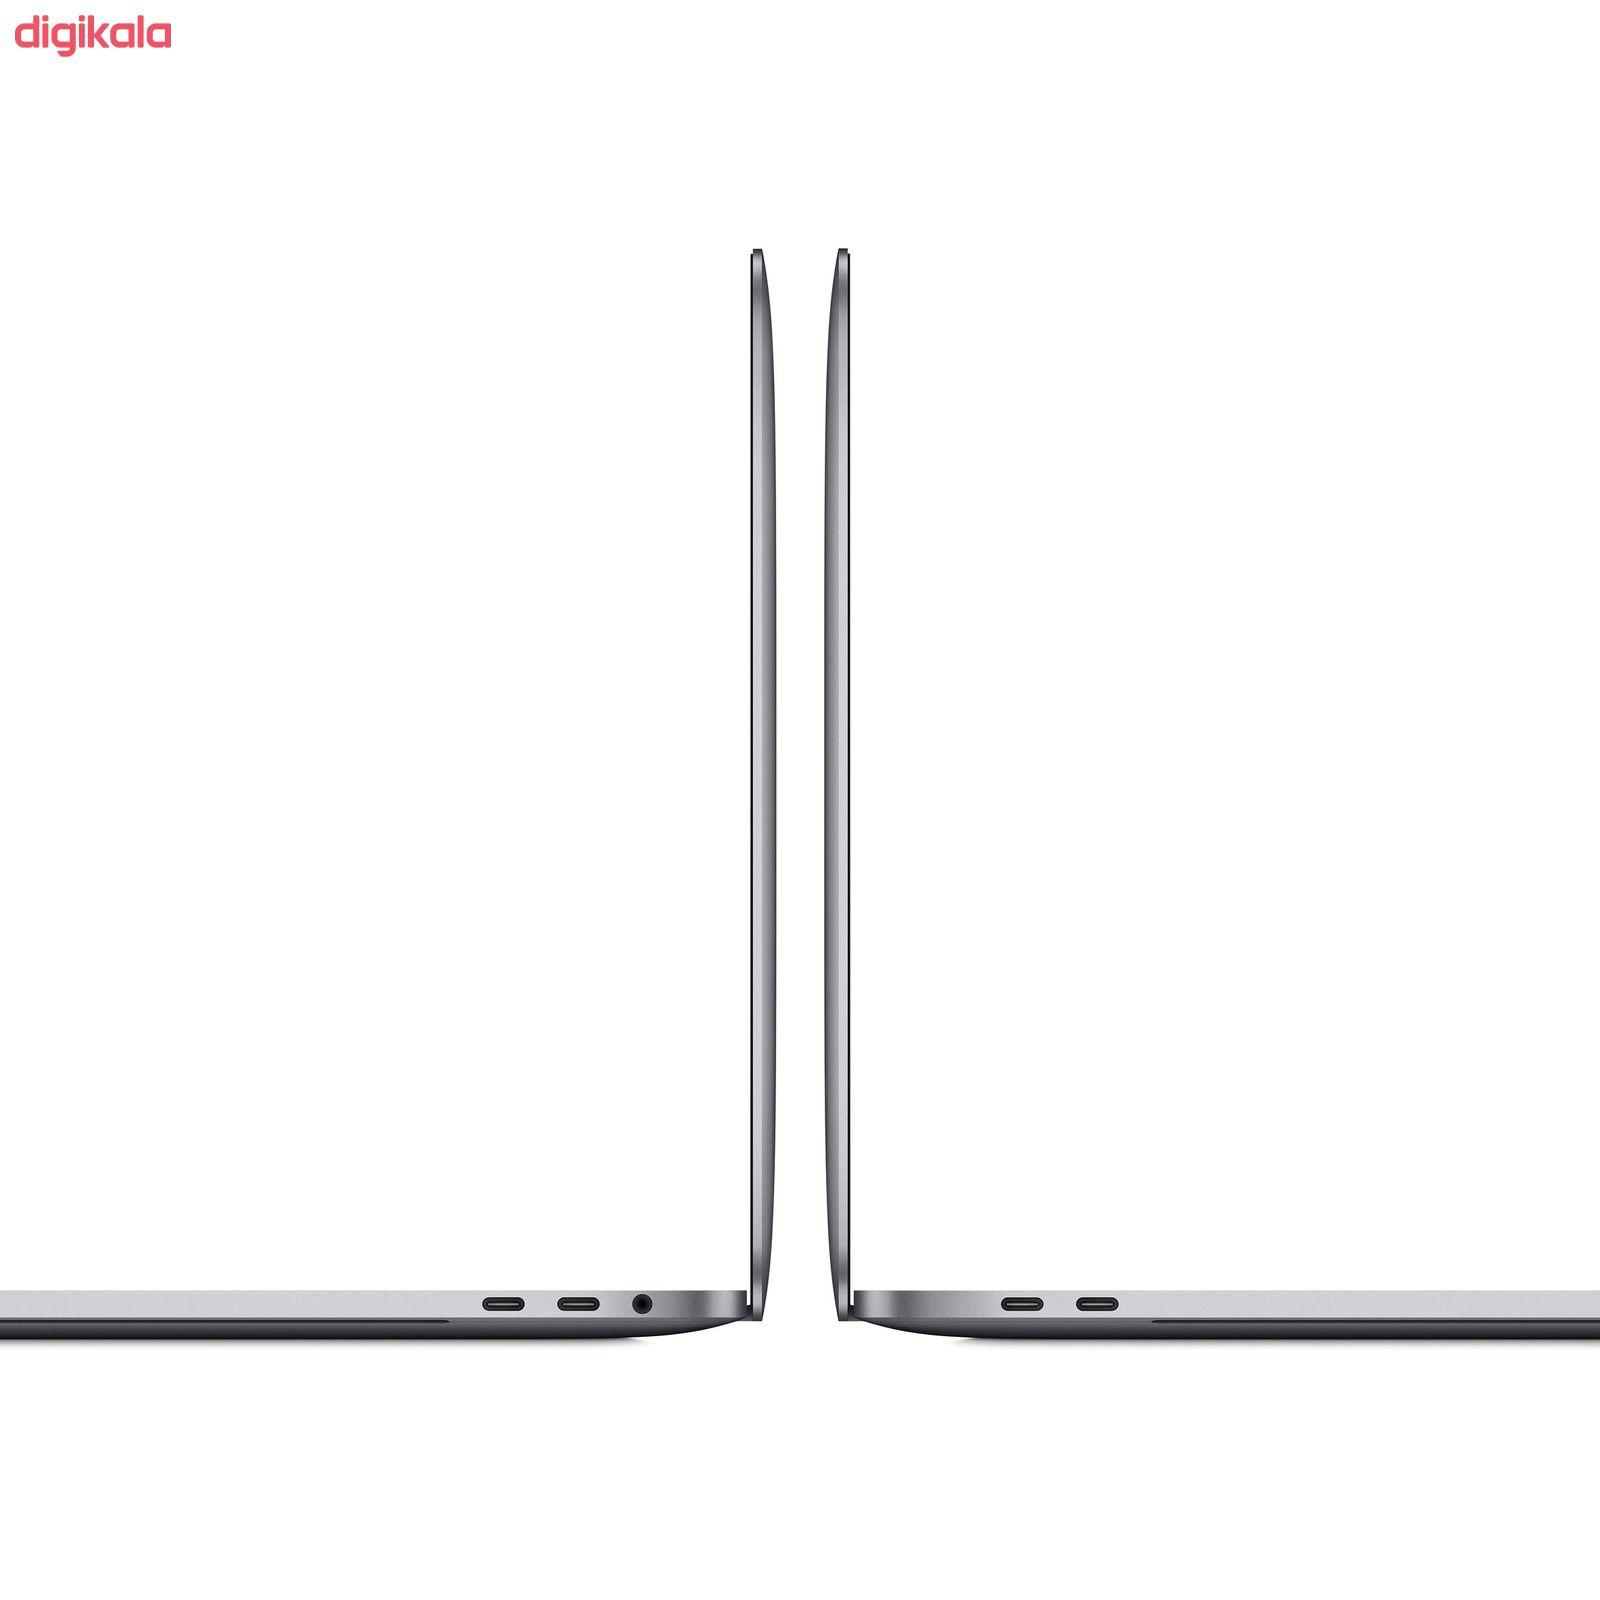 لپ تاپ 13 اینچی اپل مدل MacBook Pro MWP52 2020 همراه با تاچ بار  main 1 3